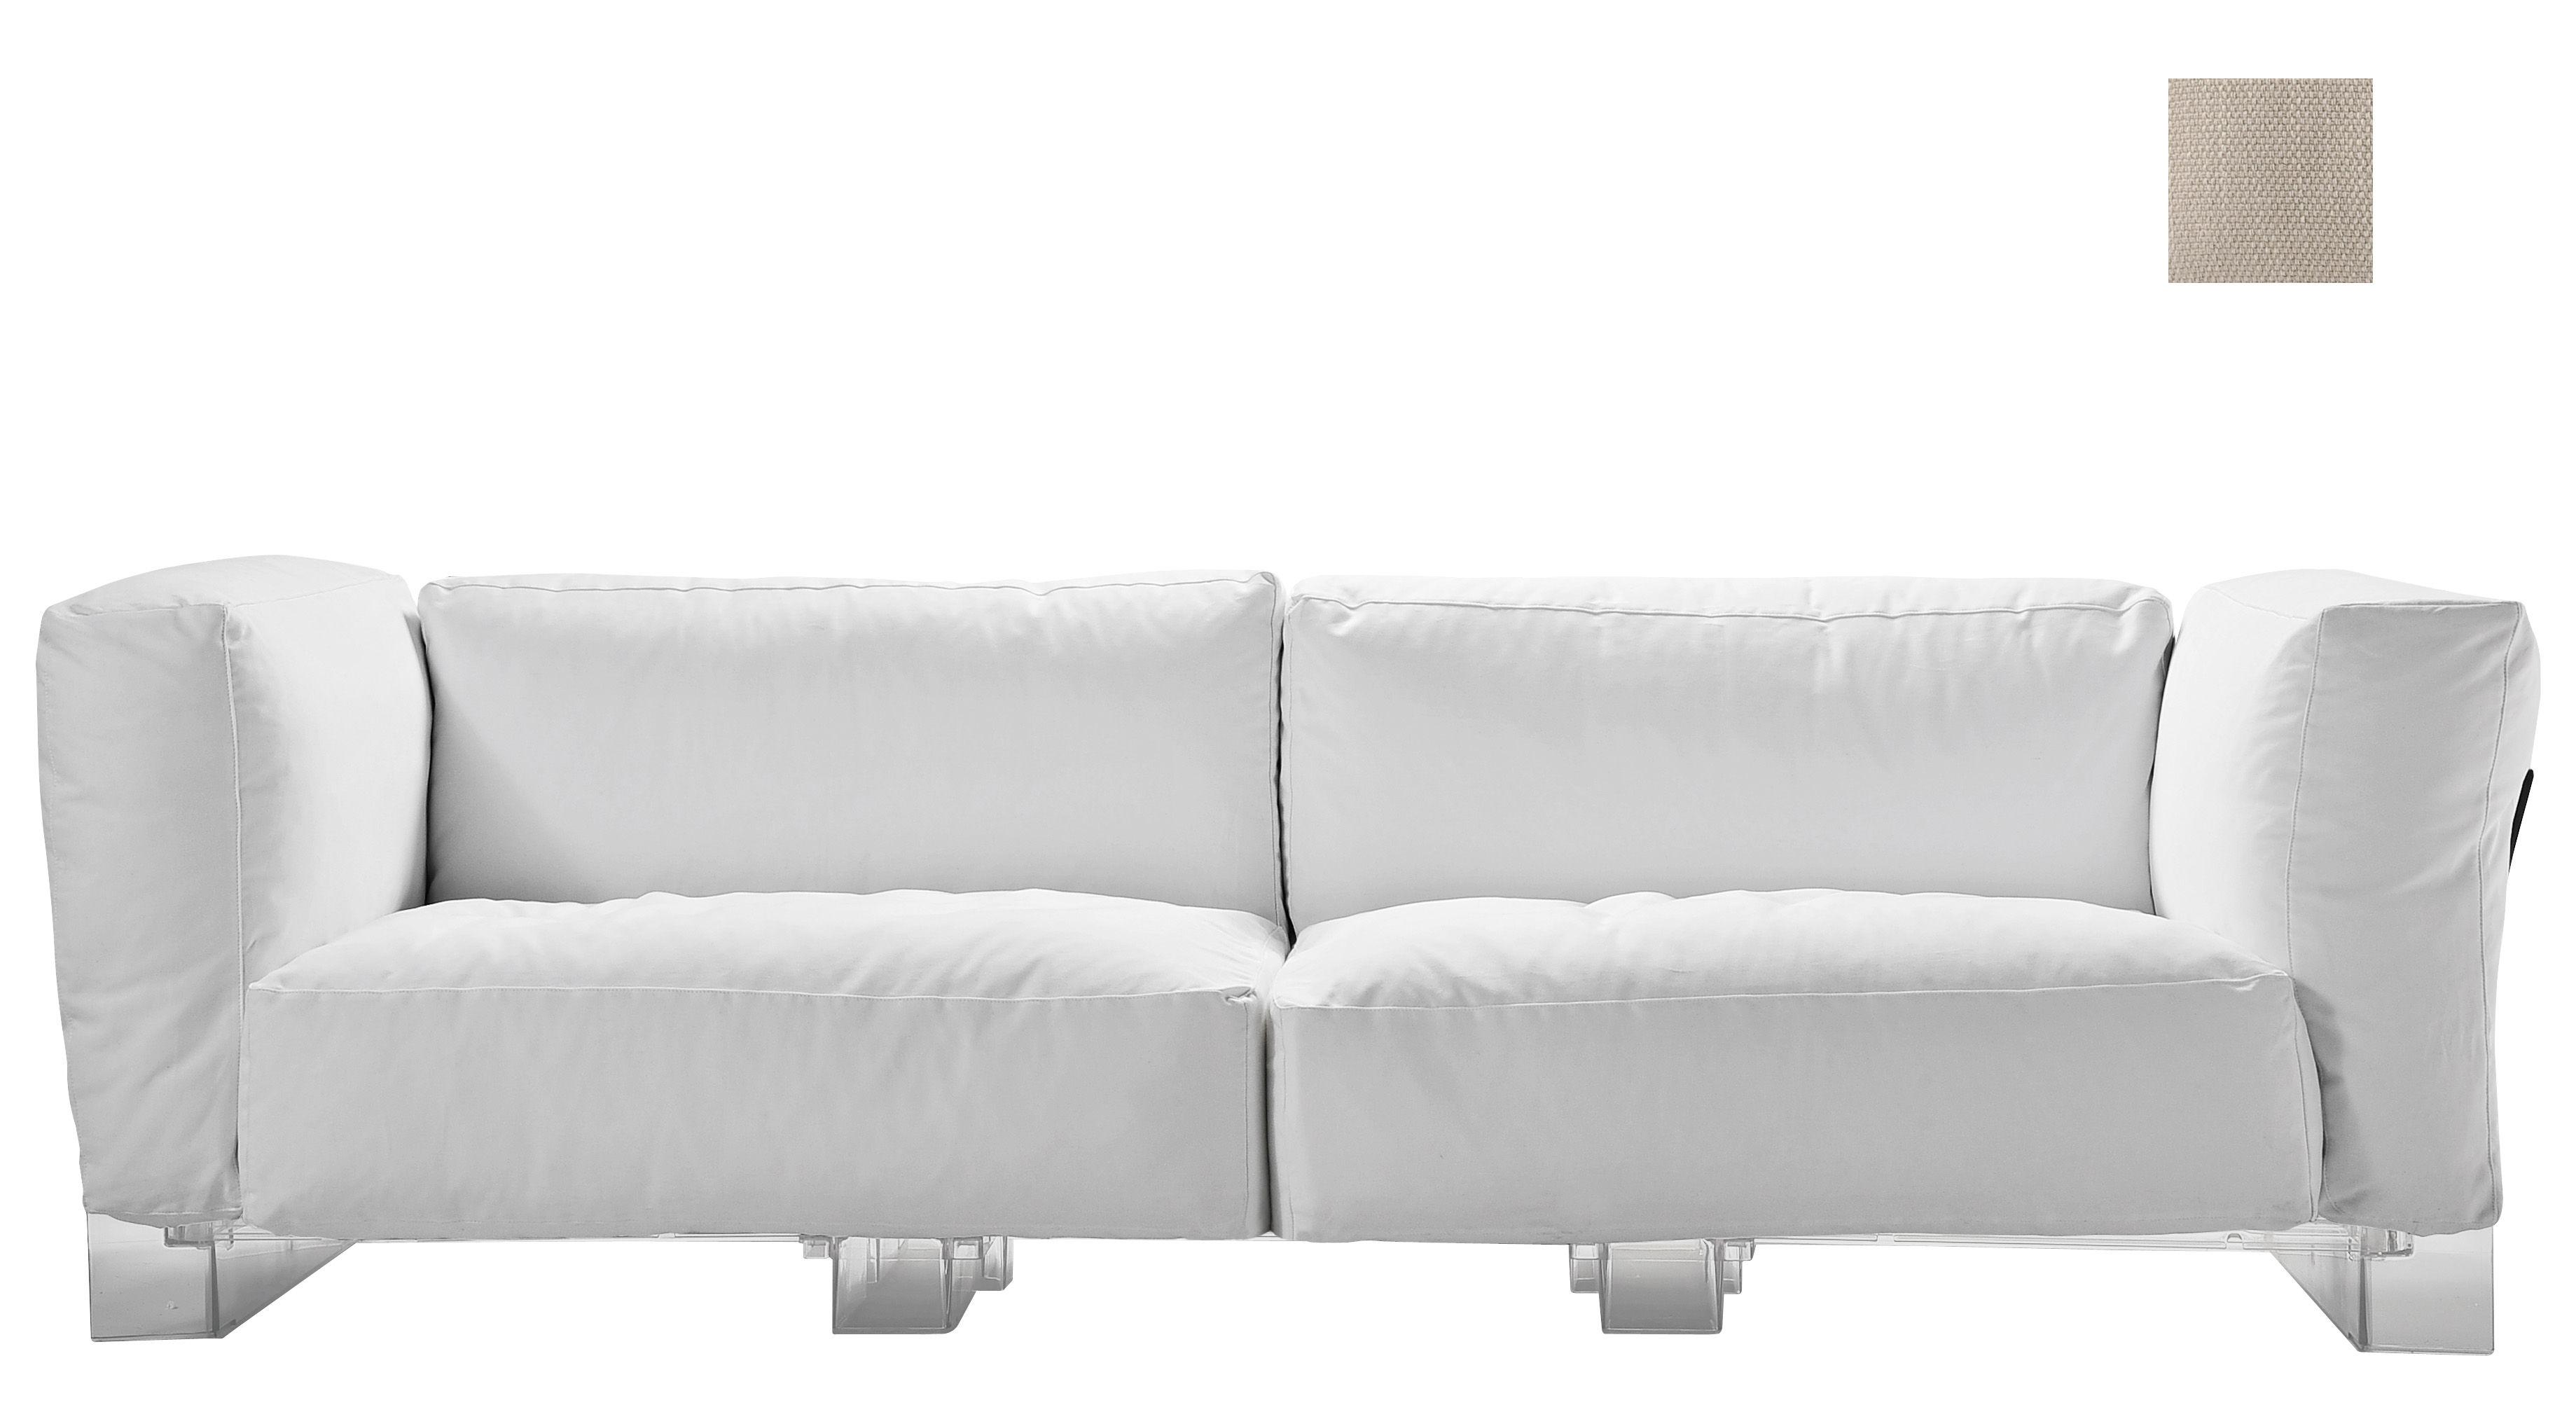 canap droit pop duo structure transparente l 255 cm ecru kartell. Black Bedroom Furniture Sets. Home Design Ideas